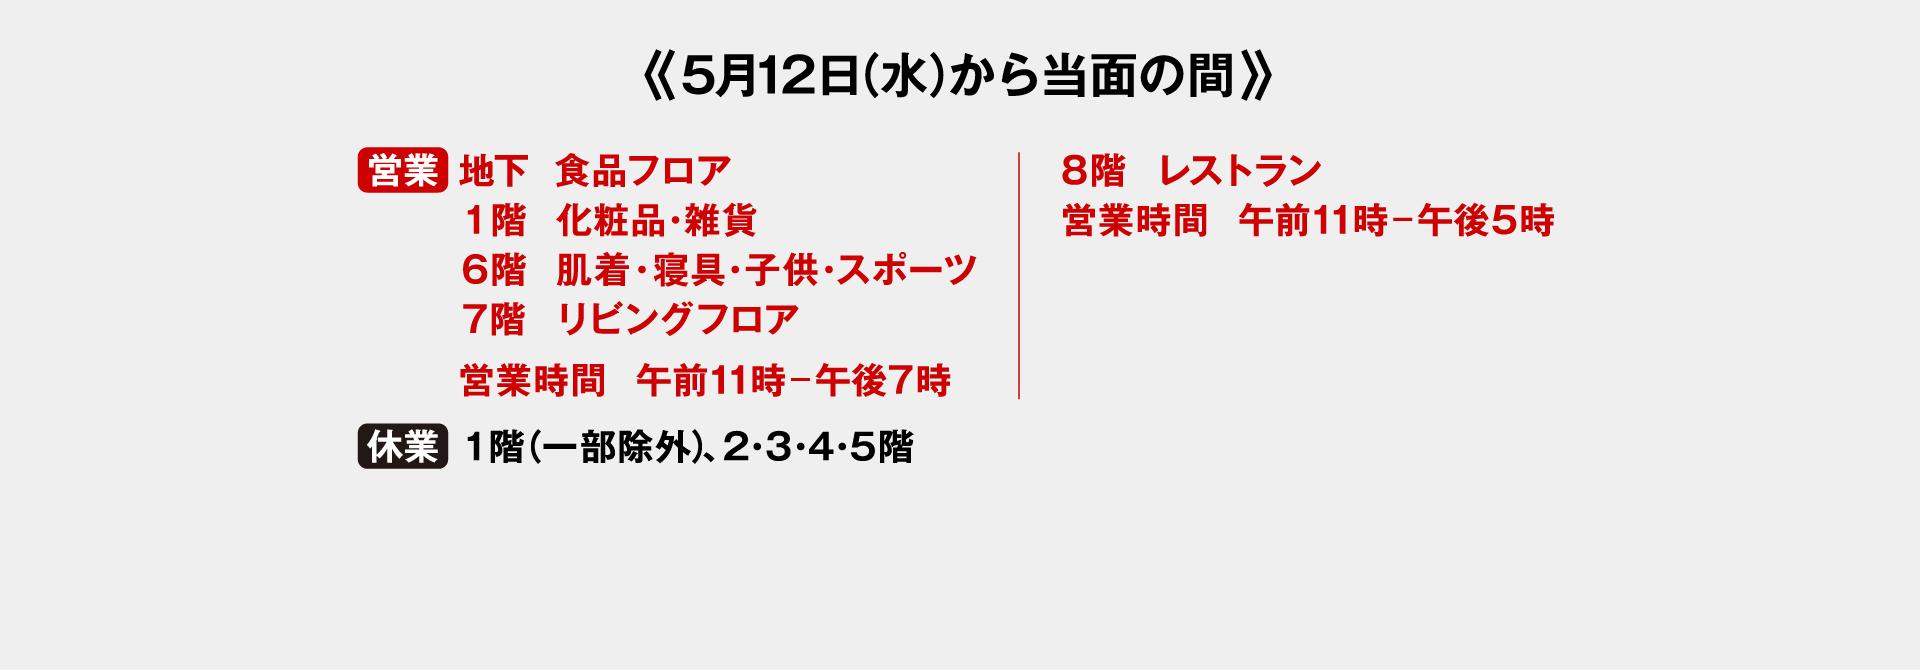 5月12日(水)からの営業継続売場のお知らせ